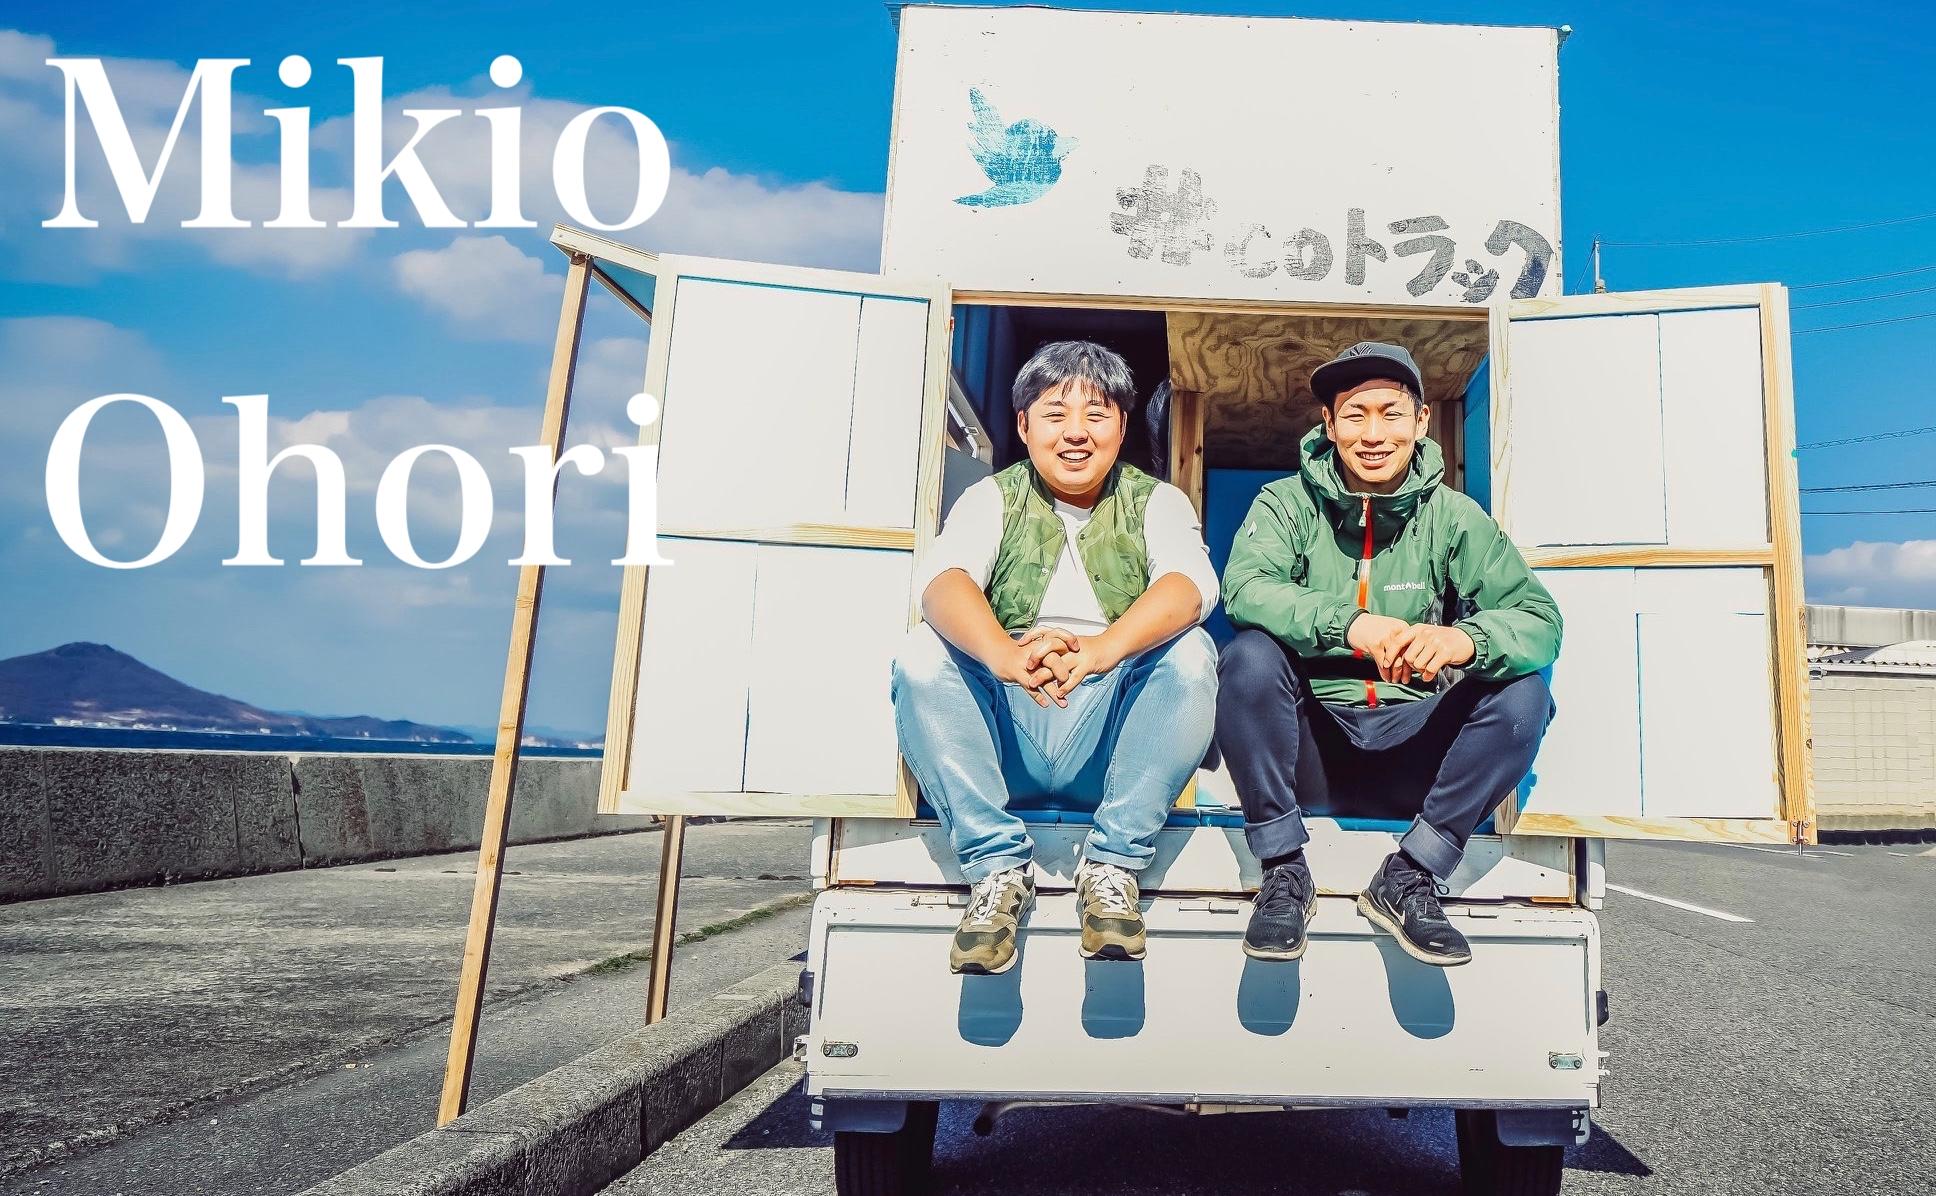 色々な生き方を集めるため。私はモバイルハウスで日本全国旅をした| 大堀幹生